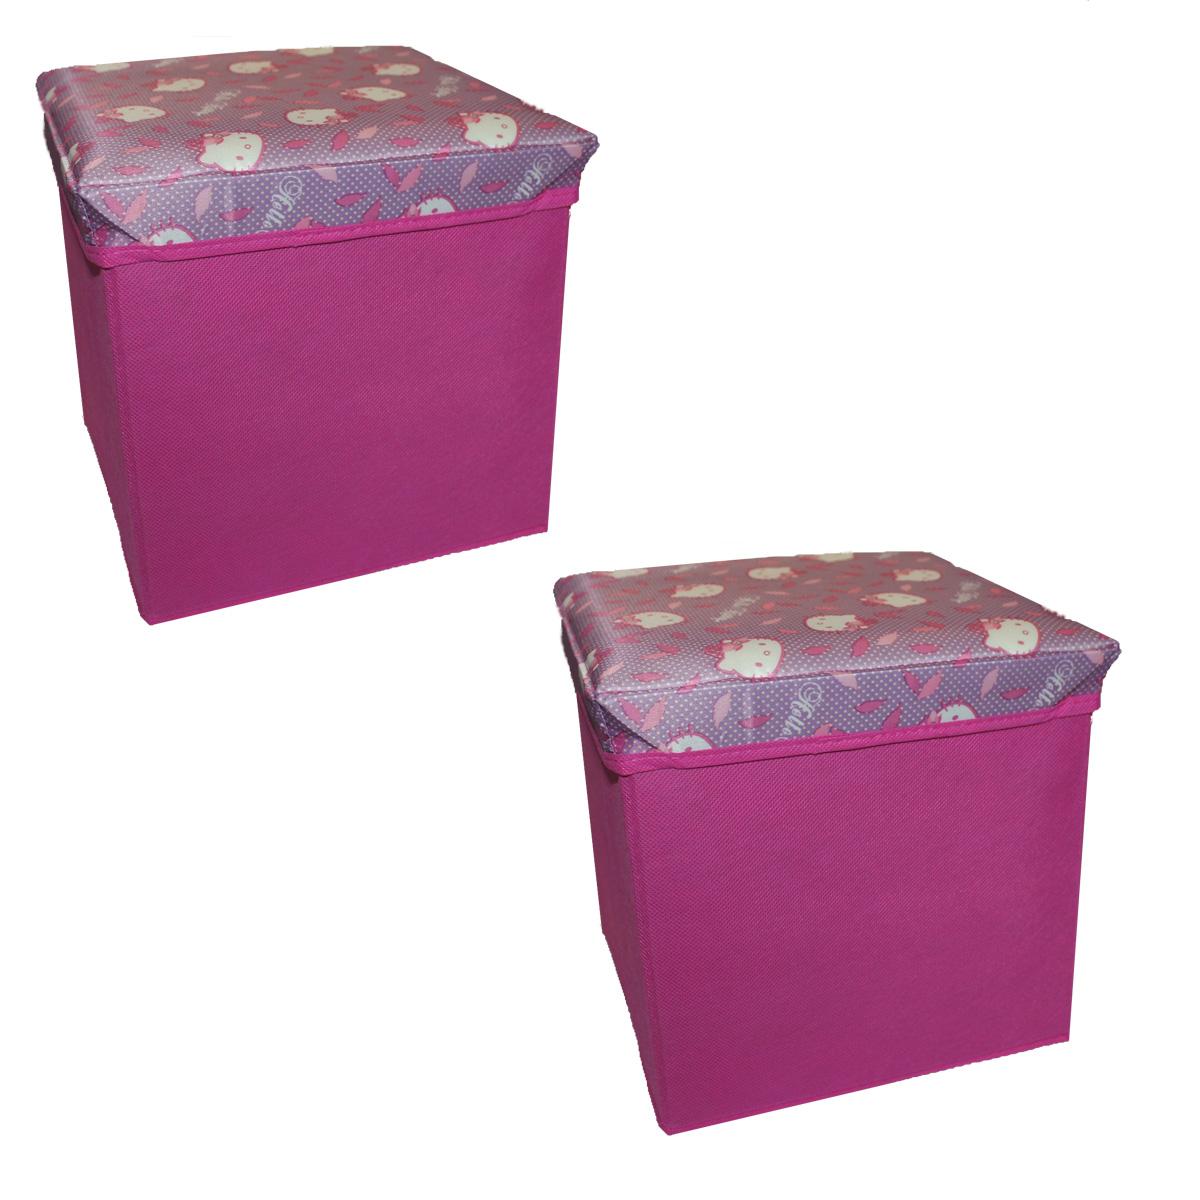 2er set hello kitty canvas spielzeugkiste aufbewahrungsbox mit deckel box truhe m bel wohnen. Black Bedroom Furniture Sets. Home Design Ideas